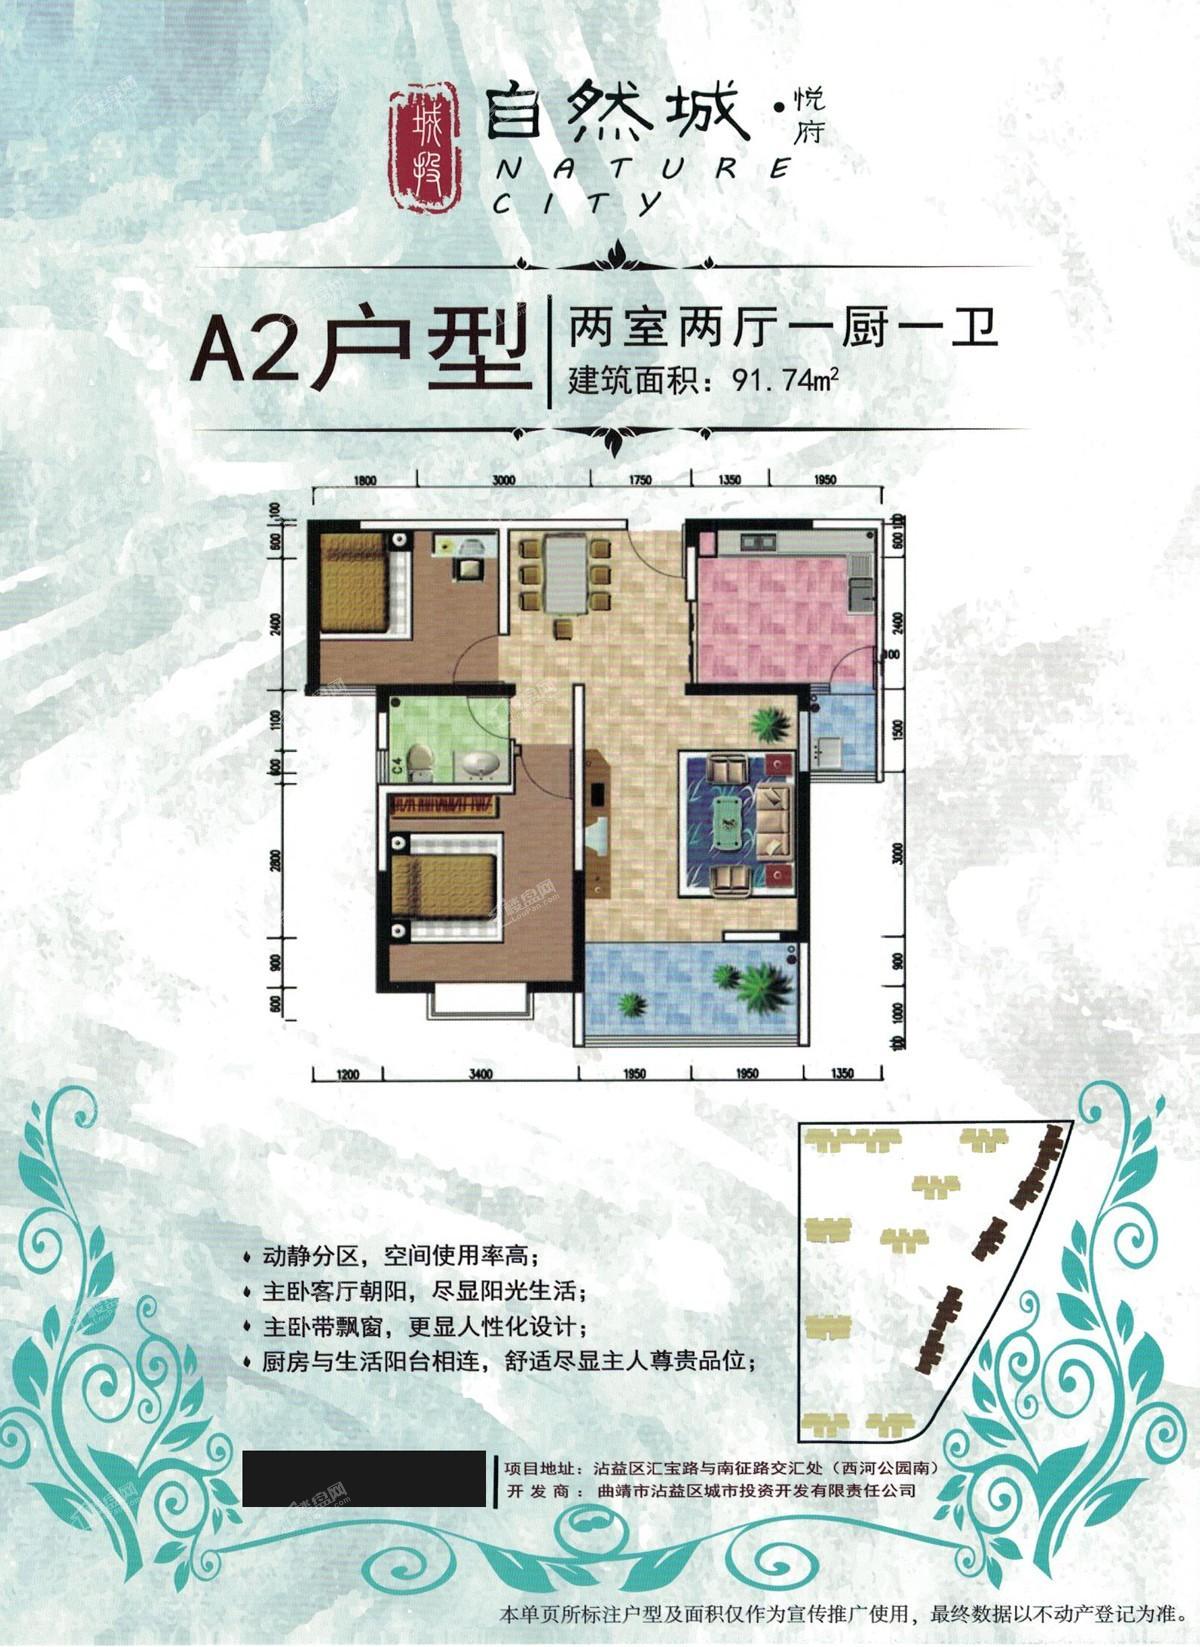 曲靖自然城·悦府户型图2